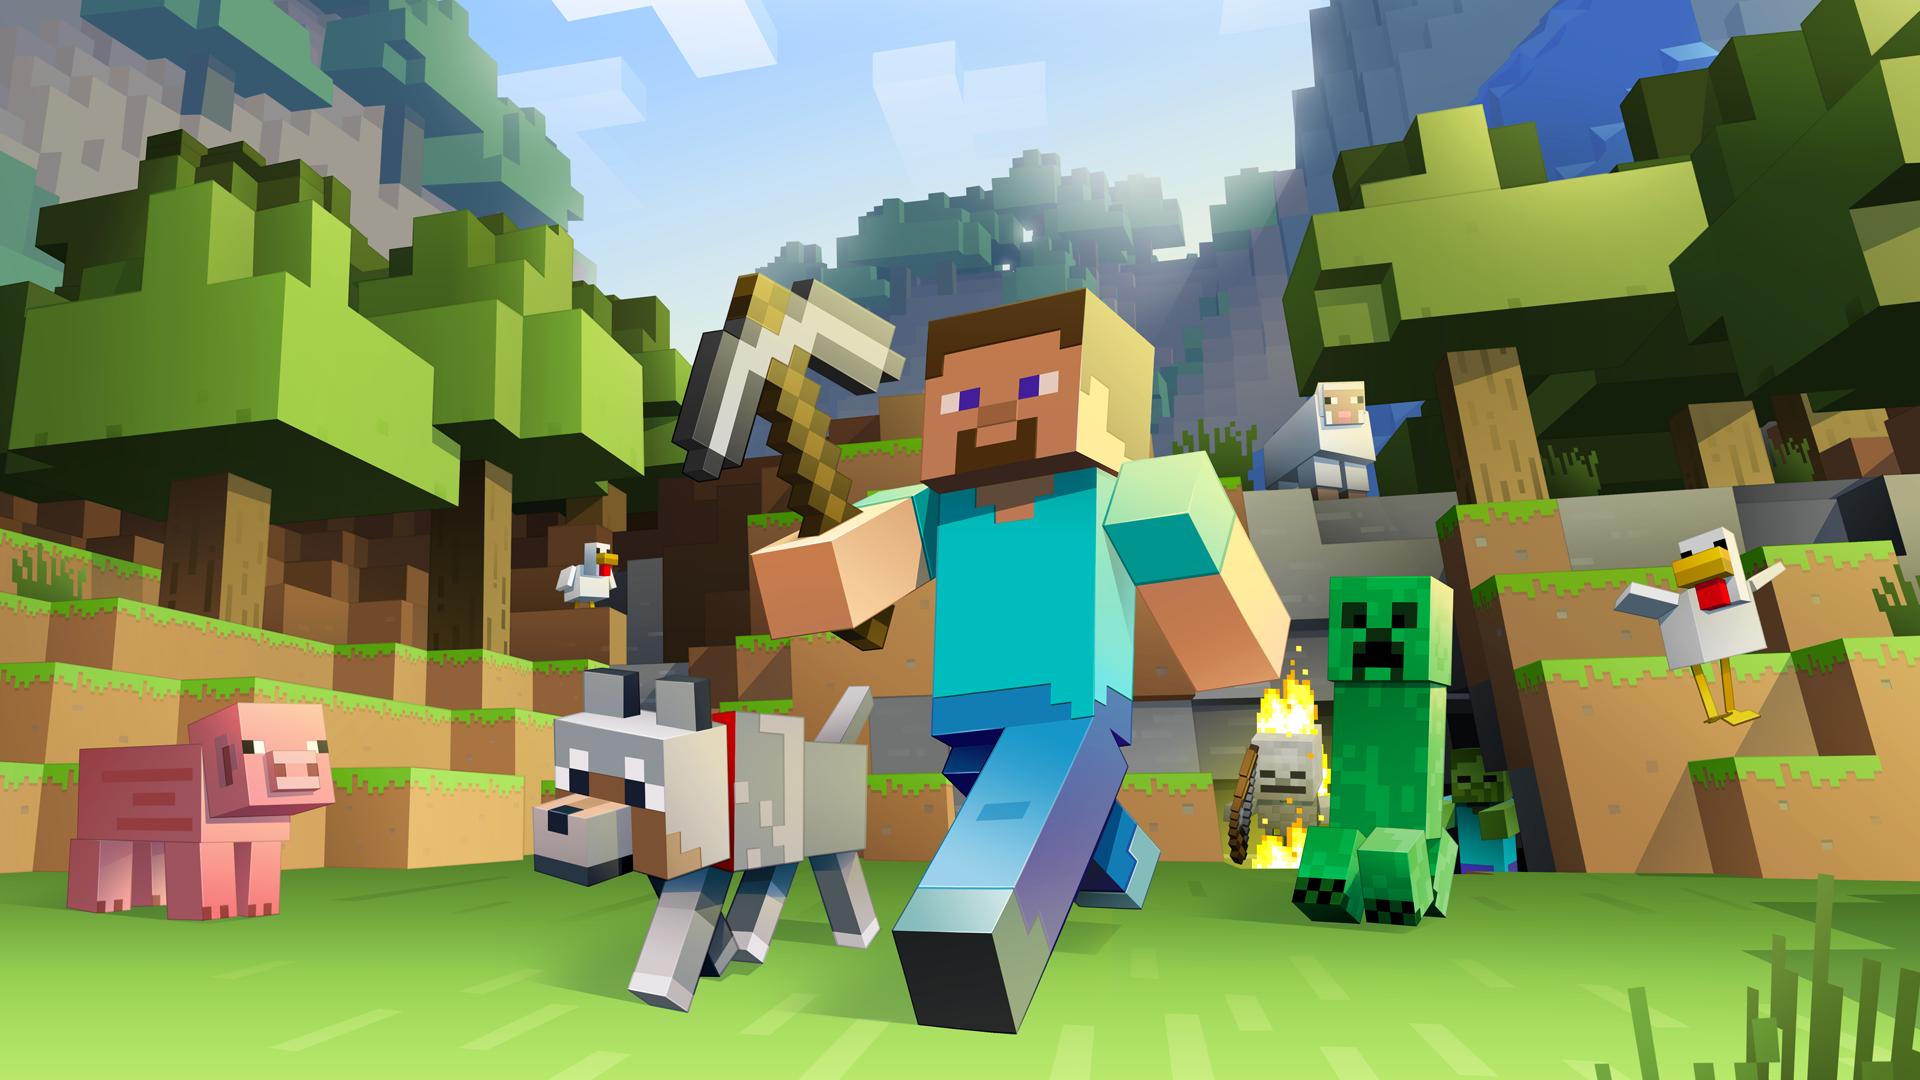 Minecraft Lapislazuli Vorkommen Und Nutzen Vom Unaussprechlichen - Minecraft kostenlos spielen youtube